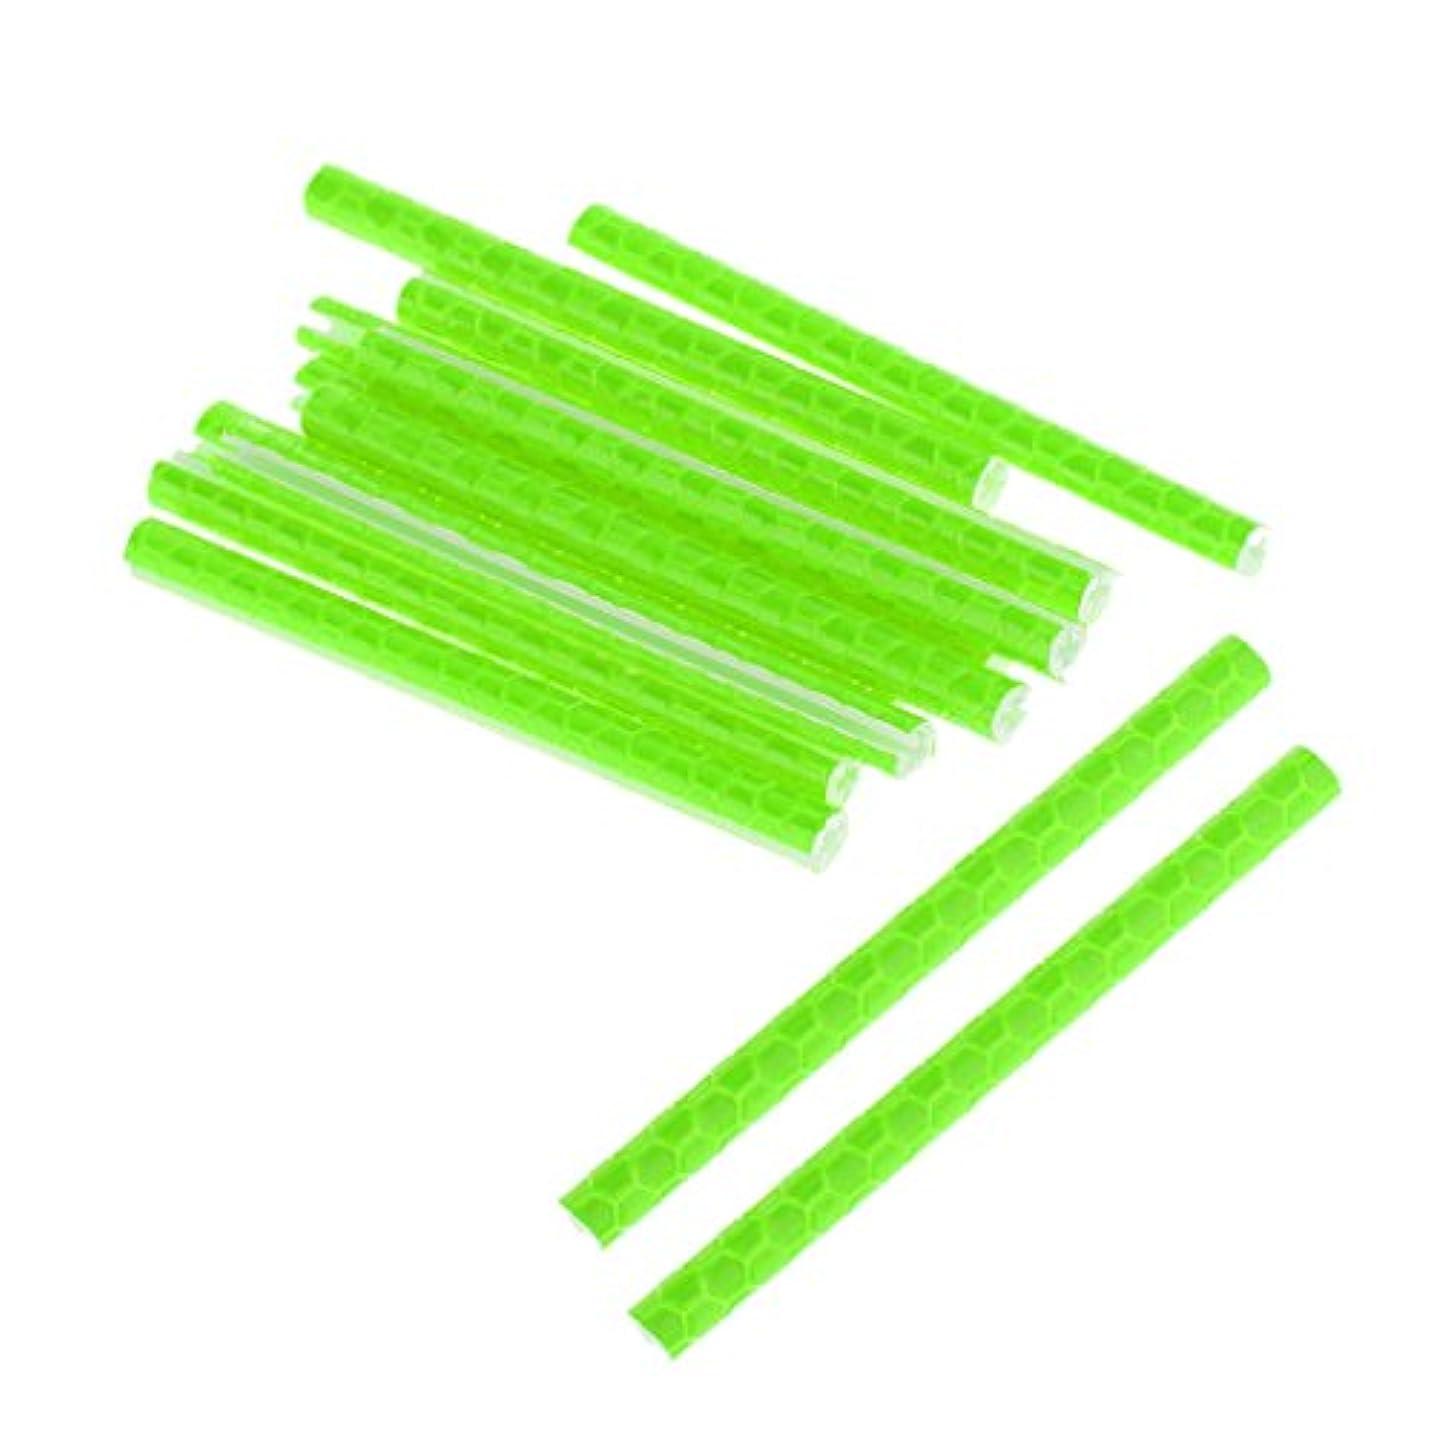 小麦粘土リースDYNWAVE 反射スポーク 反射スティック スポークリフレクター ABSチューブ サイクリング 12本入り グリーン